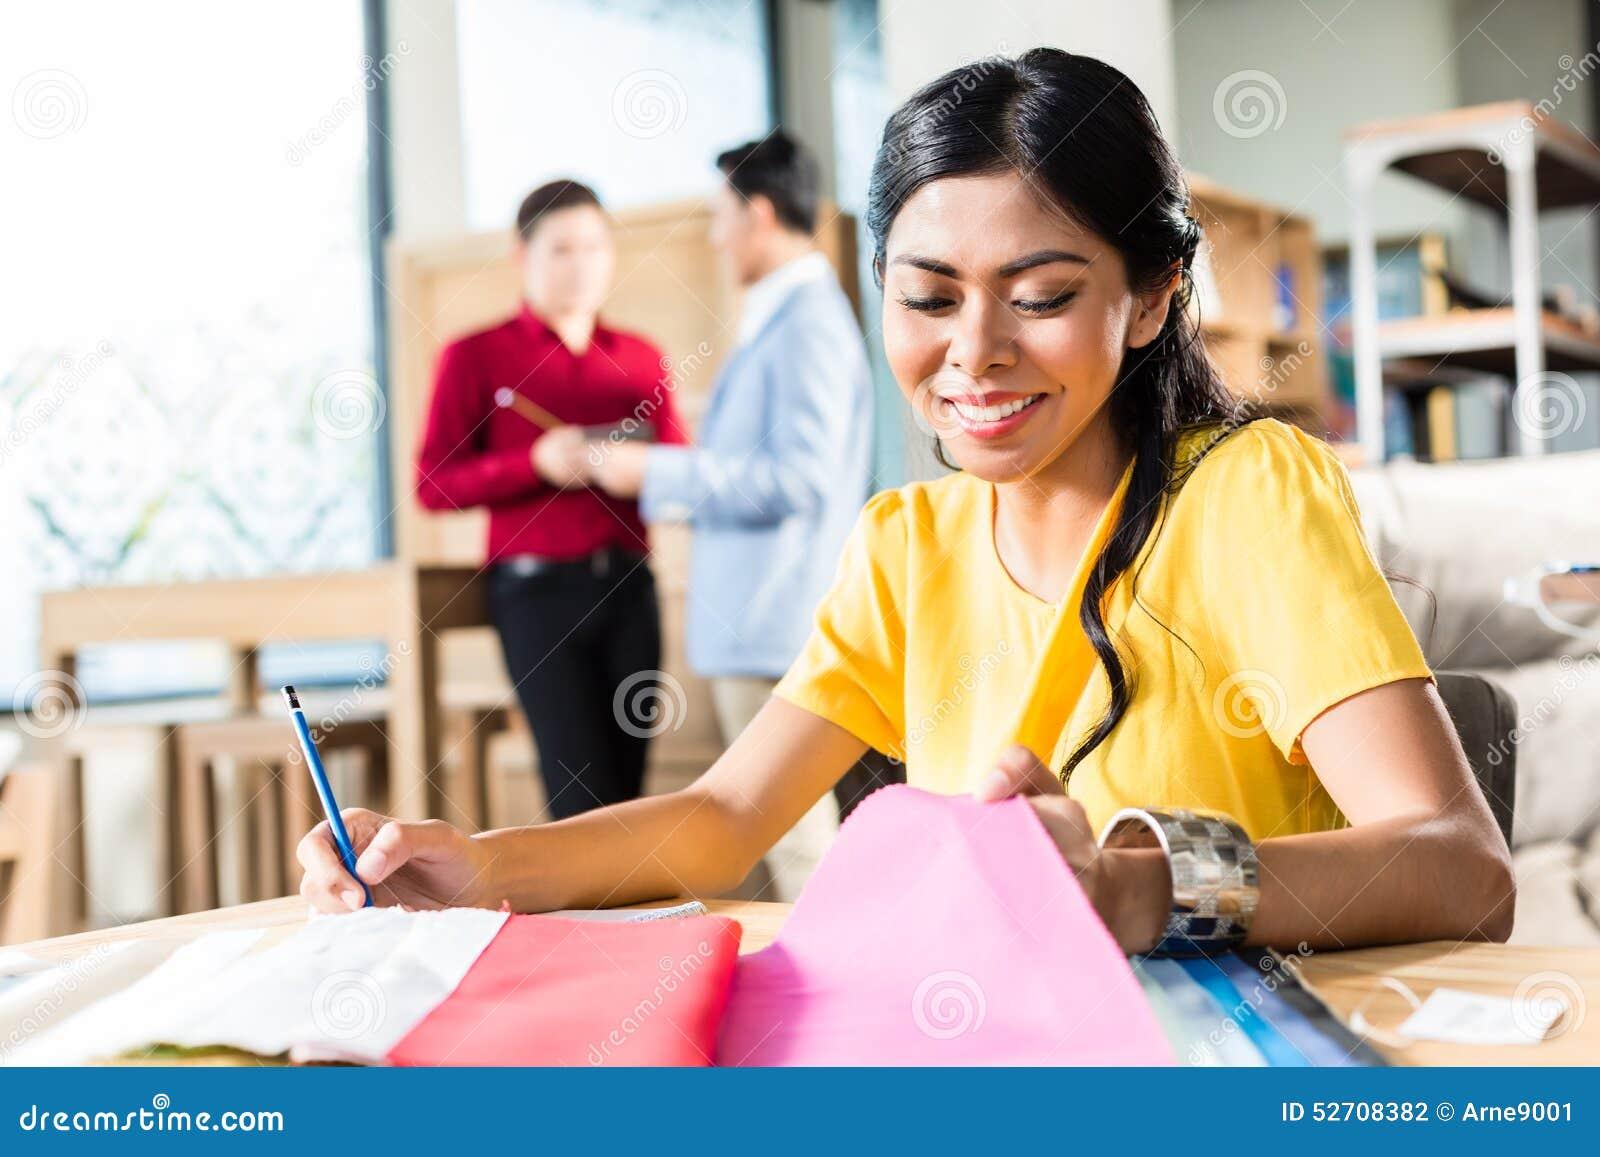 Dessinateur d intérieurs travaillant dans le magasin de meubles